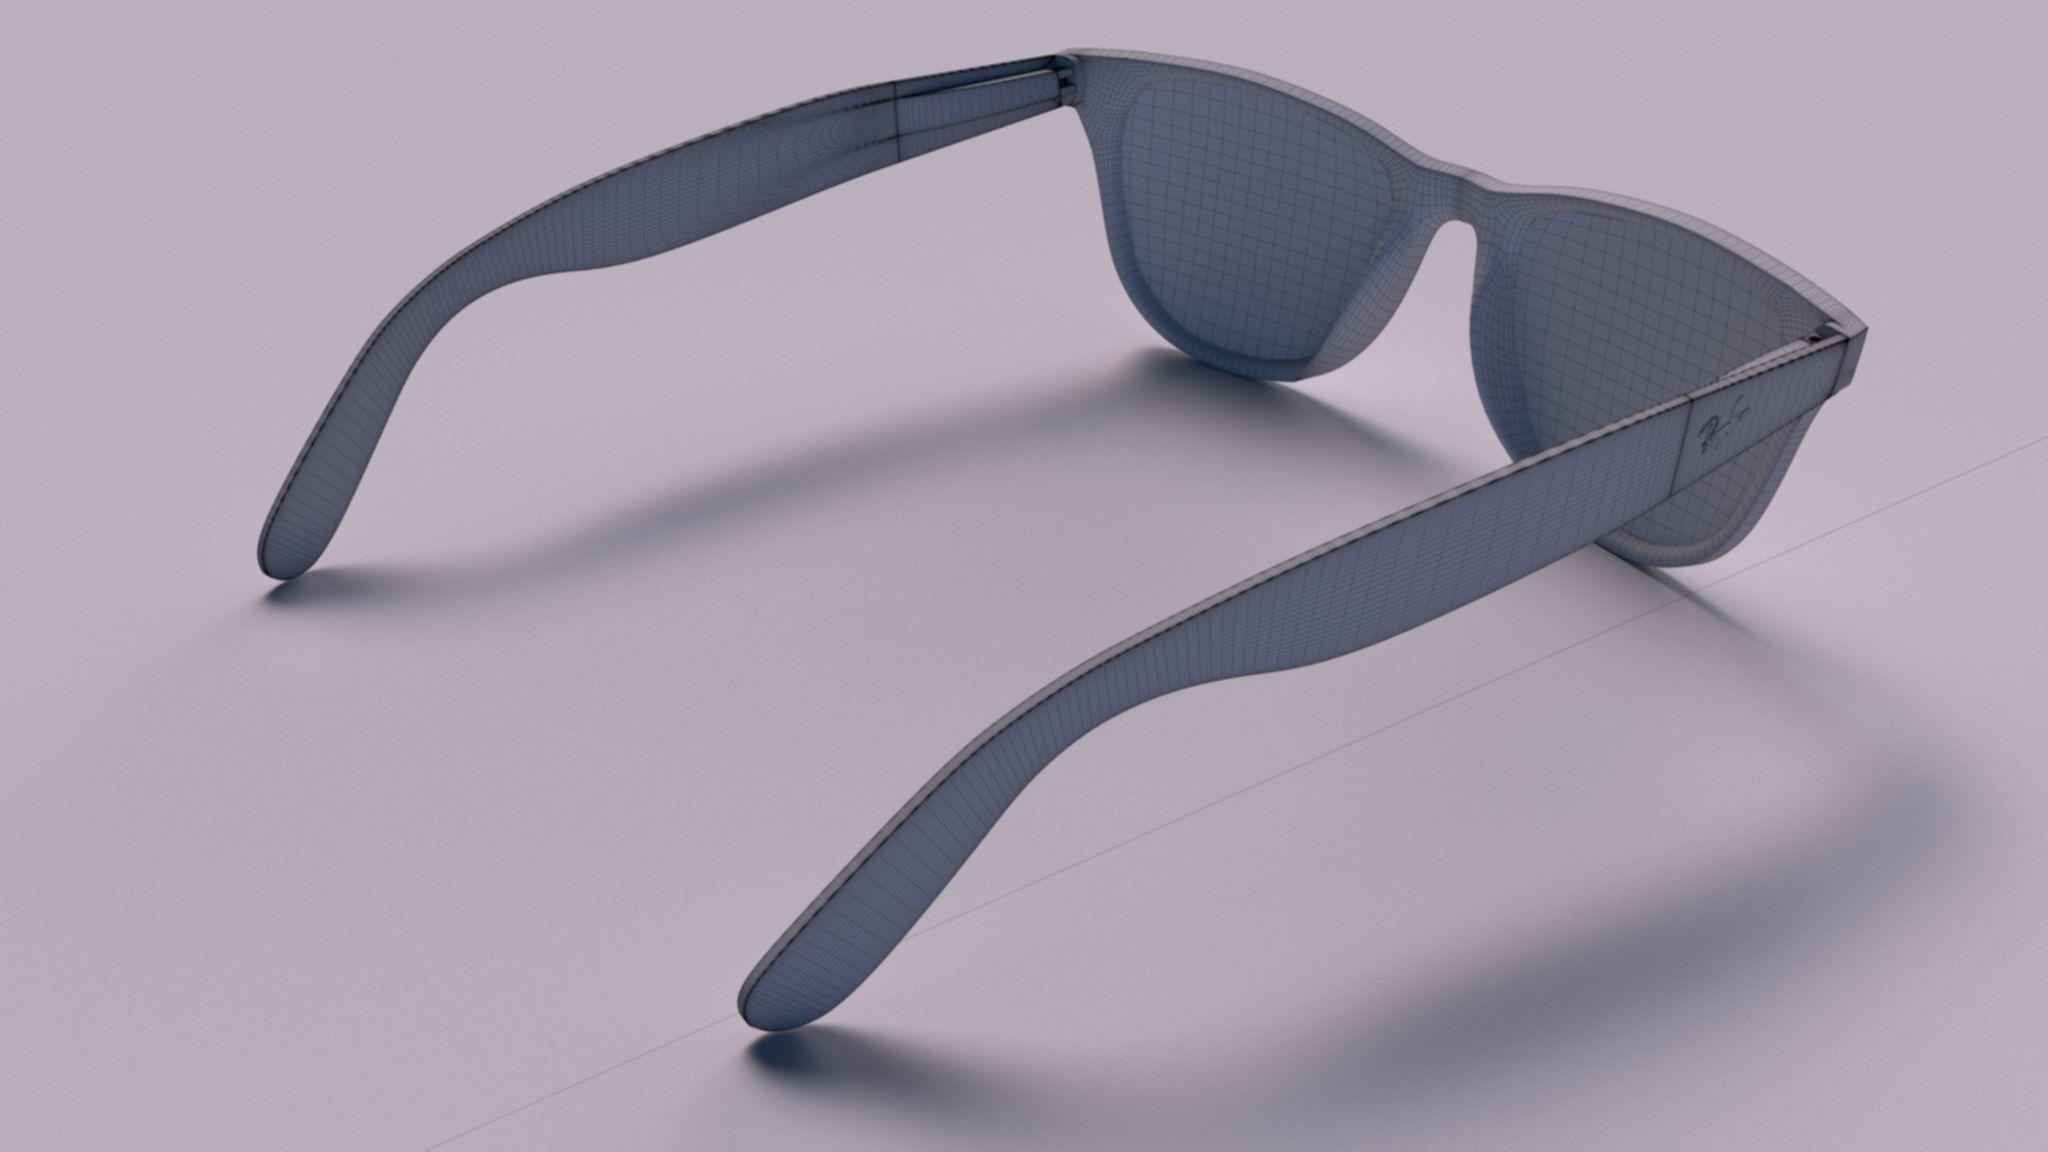 75041c2cb3 ... ray ban wayfarer 3d model max obj mtl fbx 5 ...